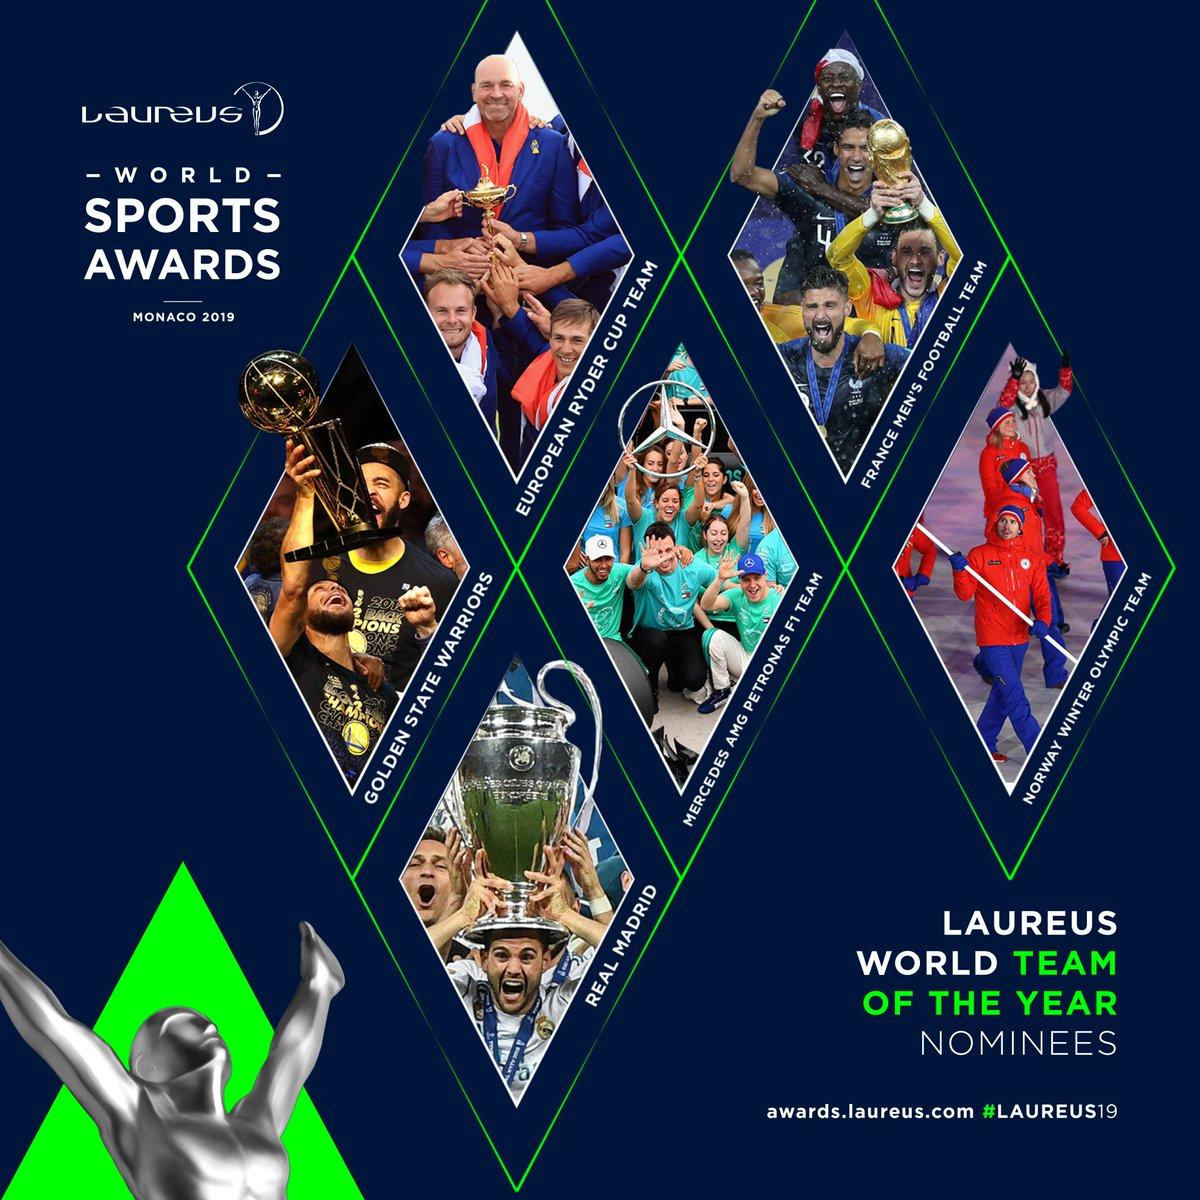 2019年劳伦斯世界体育奖团队提名:法国队和皇马入选